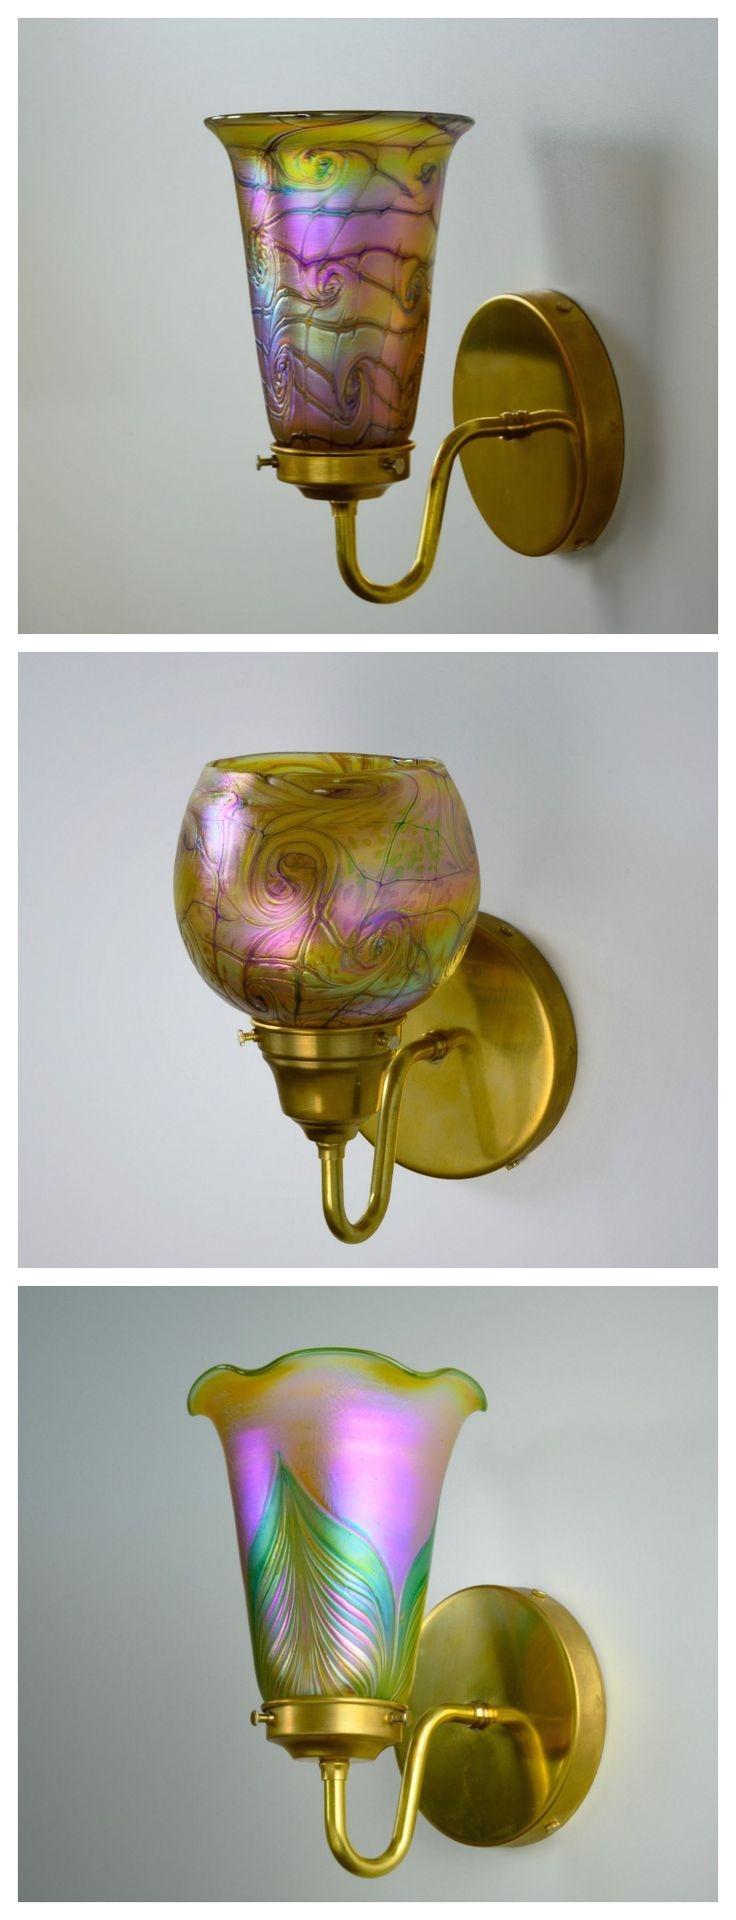 blown glass sconce lighting iridescent glass wall sconces art nouveau glass lamp art